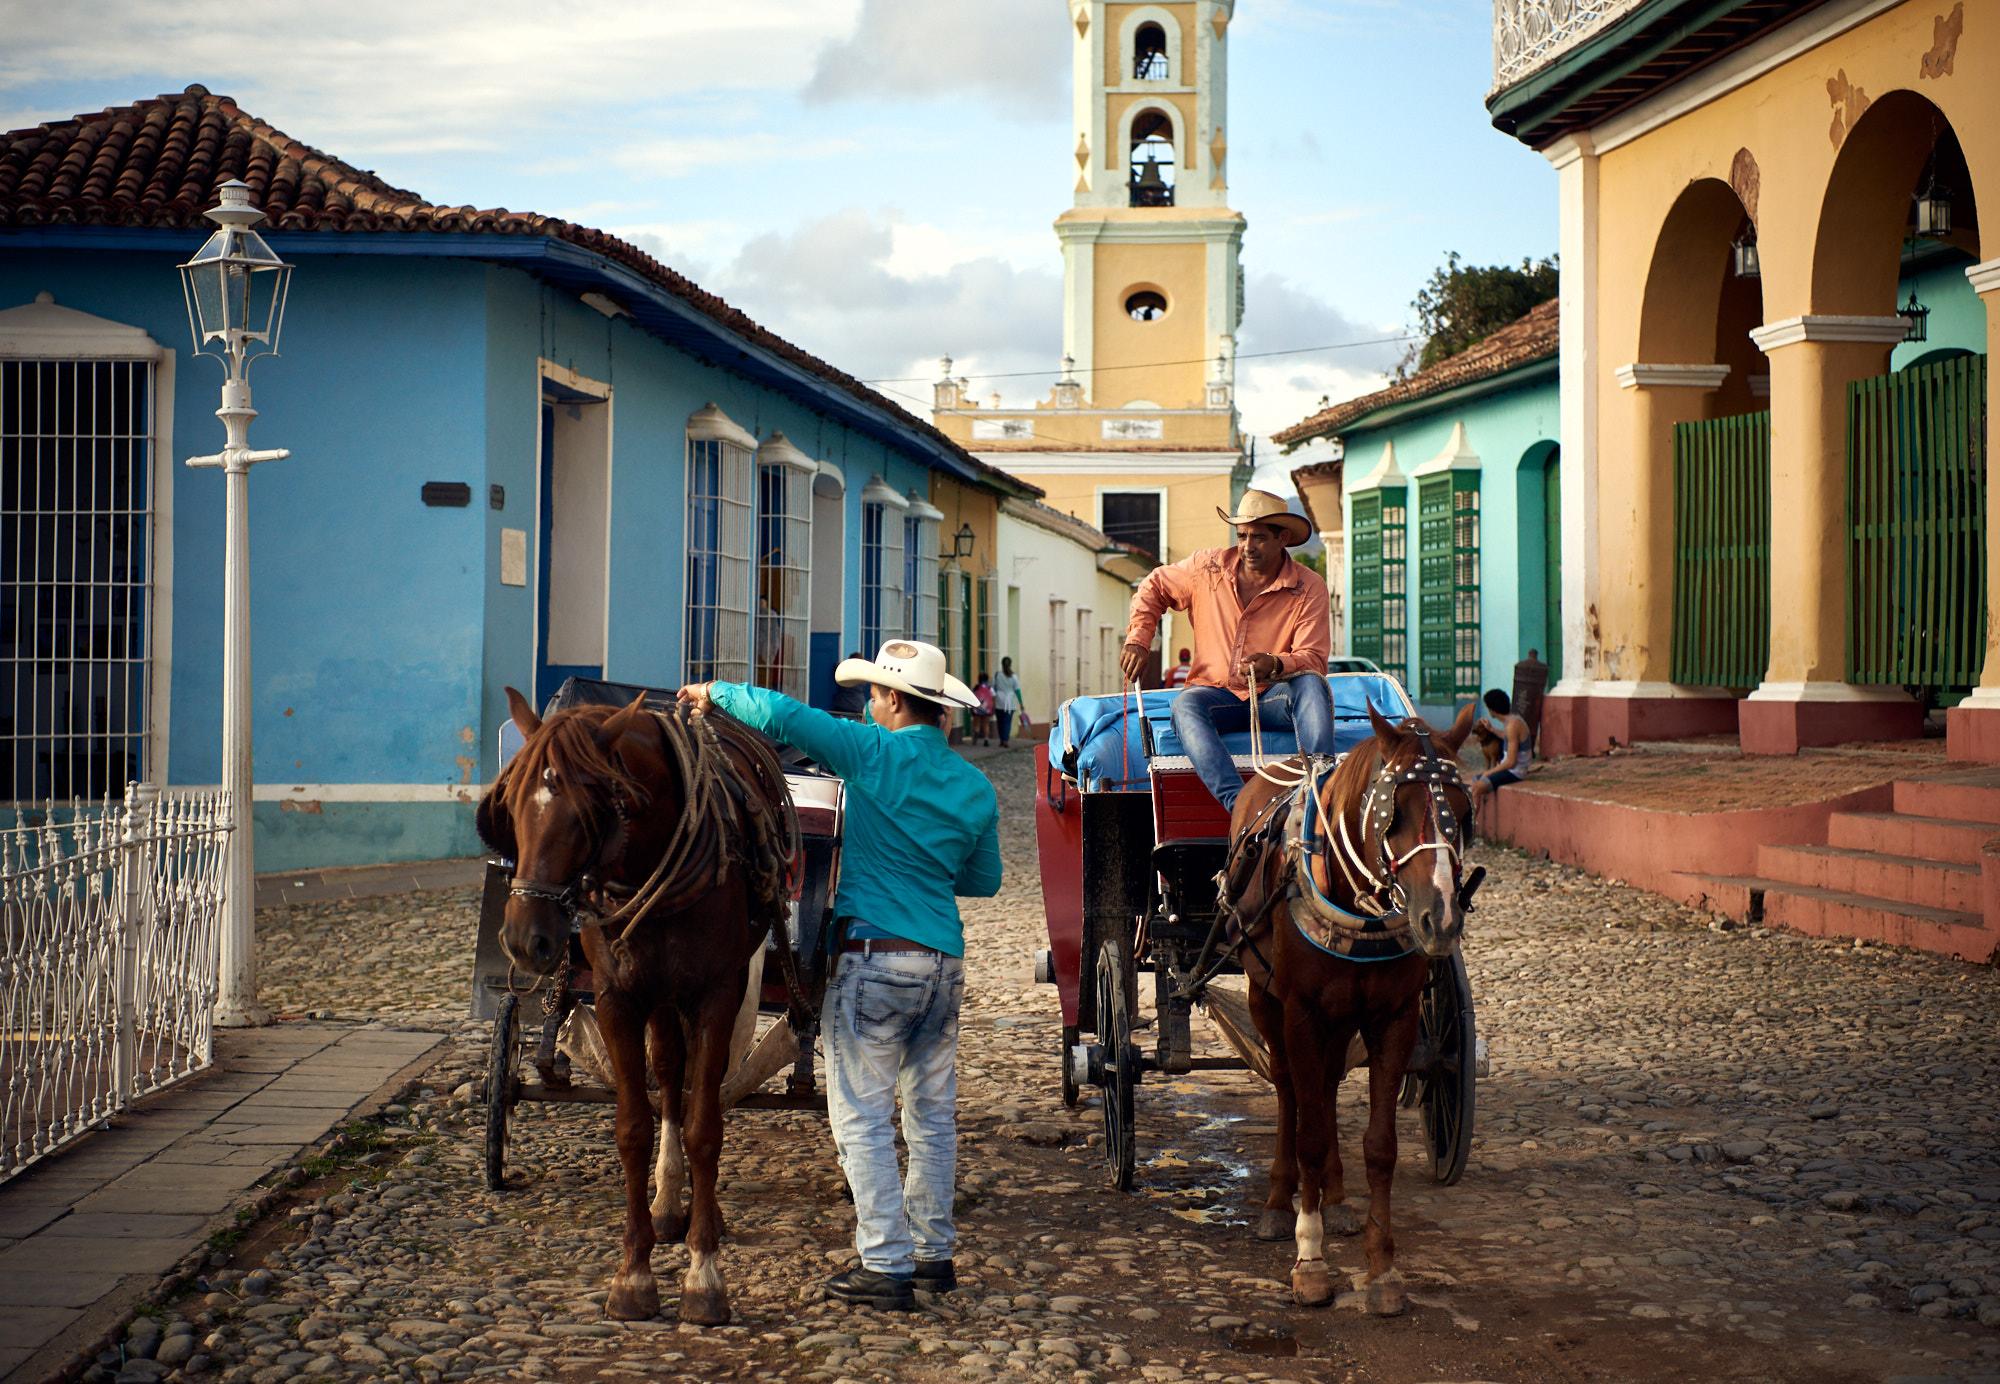 18-01-11-Cuba_2346Web.jpg